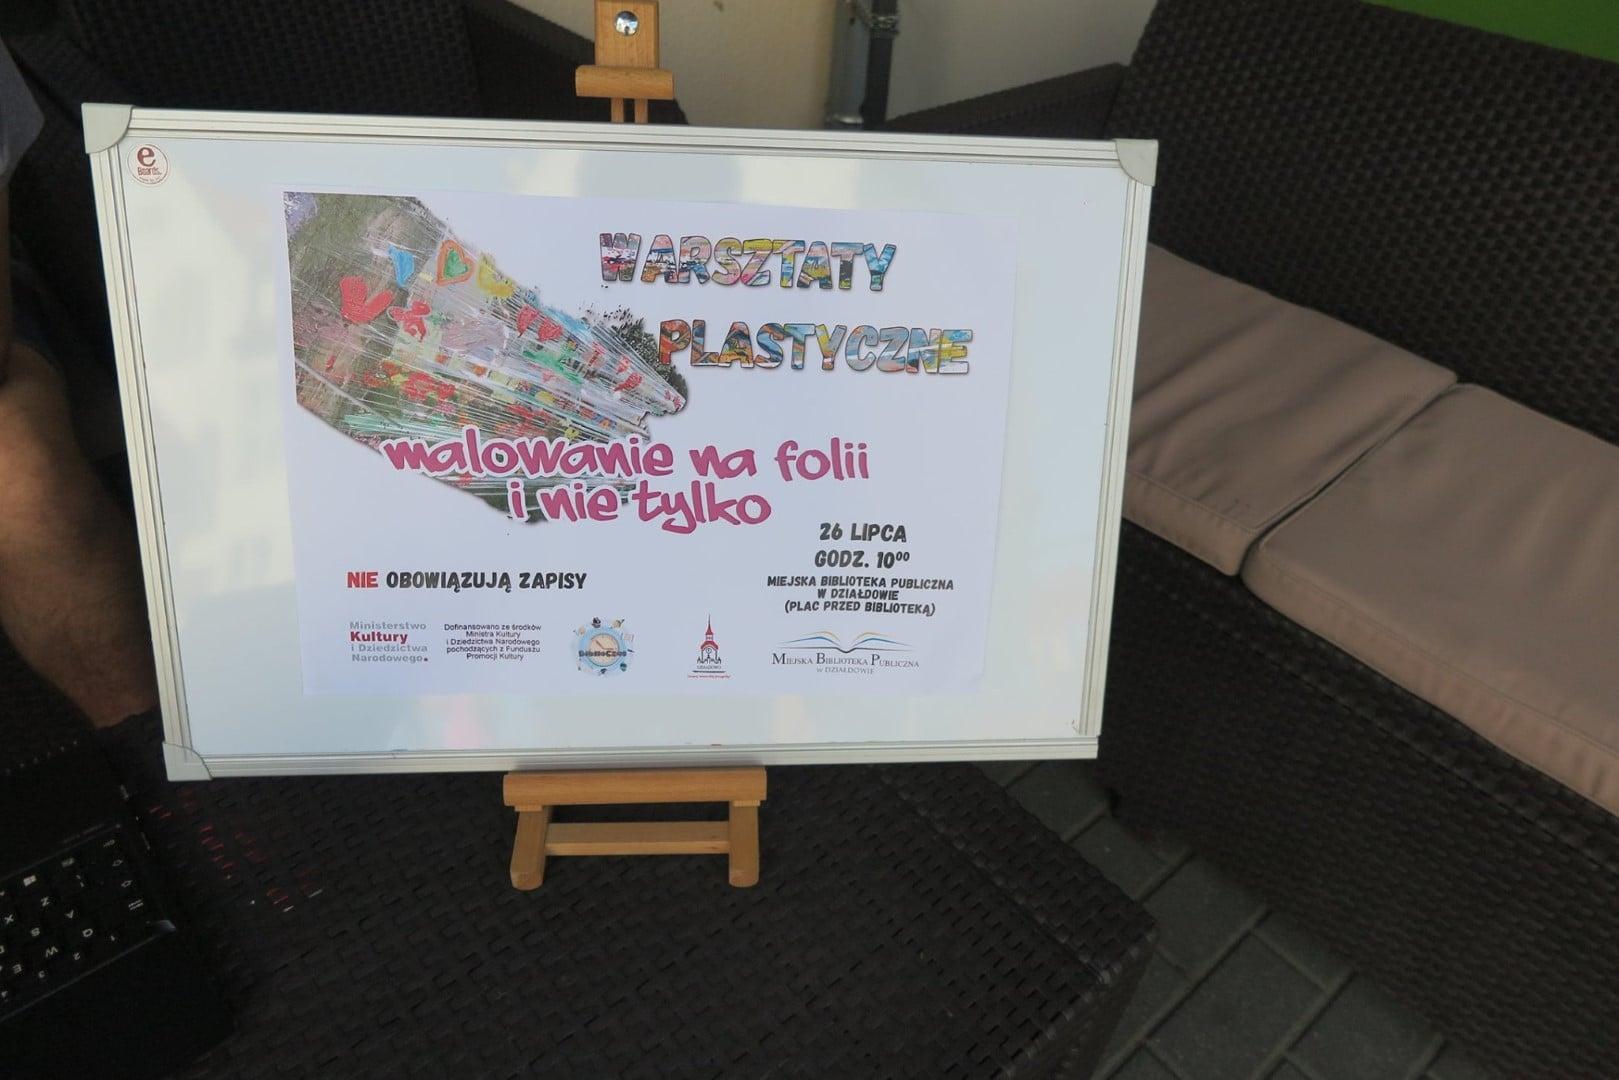 Na sztaludze plakat MBP ''Warsztaty Plastyczne''. Malowanie na folii i nie tylko. 26 lipca godz.10:00.